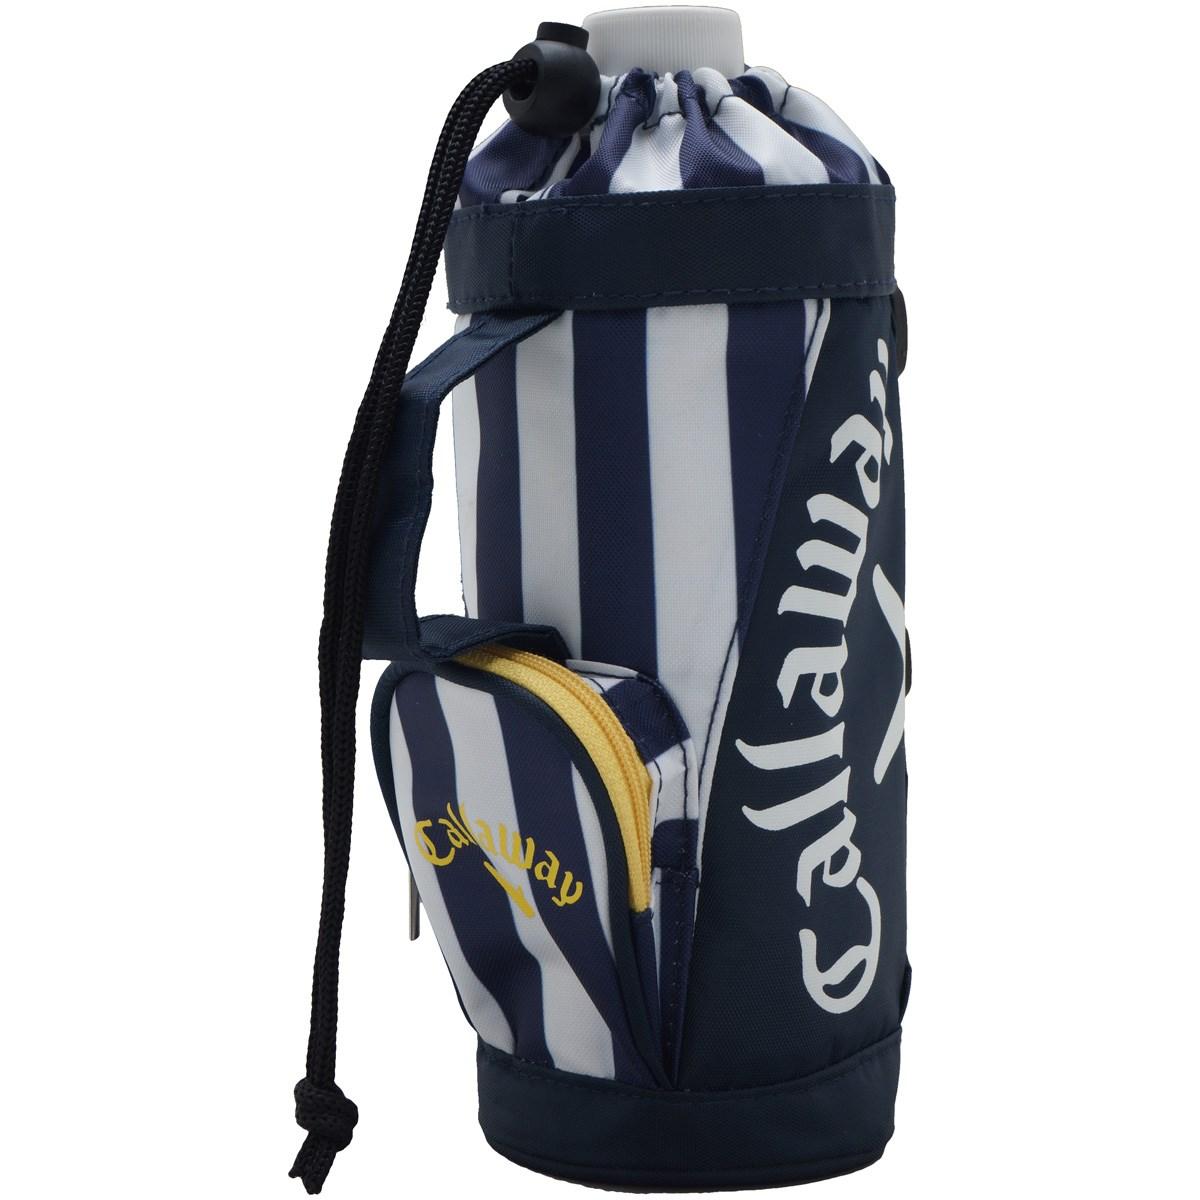 キャロウェイゴルフ(Callaway Golf) モチーフプリントボトルケース